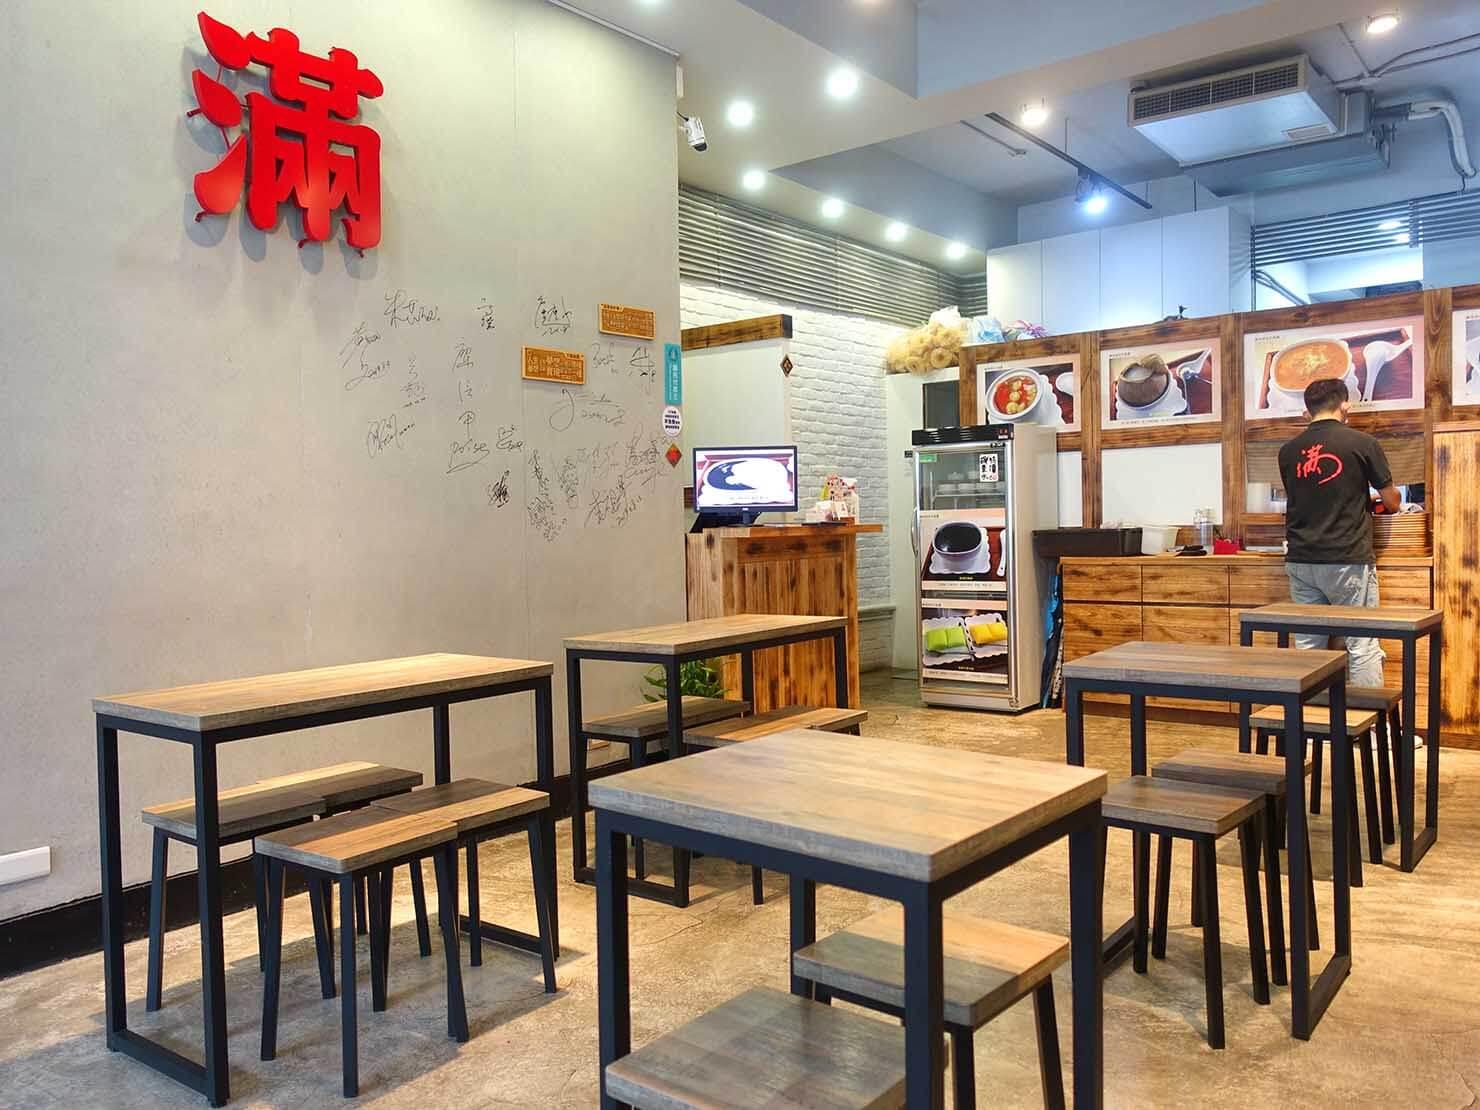 台北・南京復興駅周辺のおすすめグルメ店「滿哥甜品坊」の店内